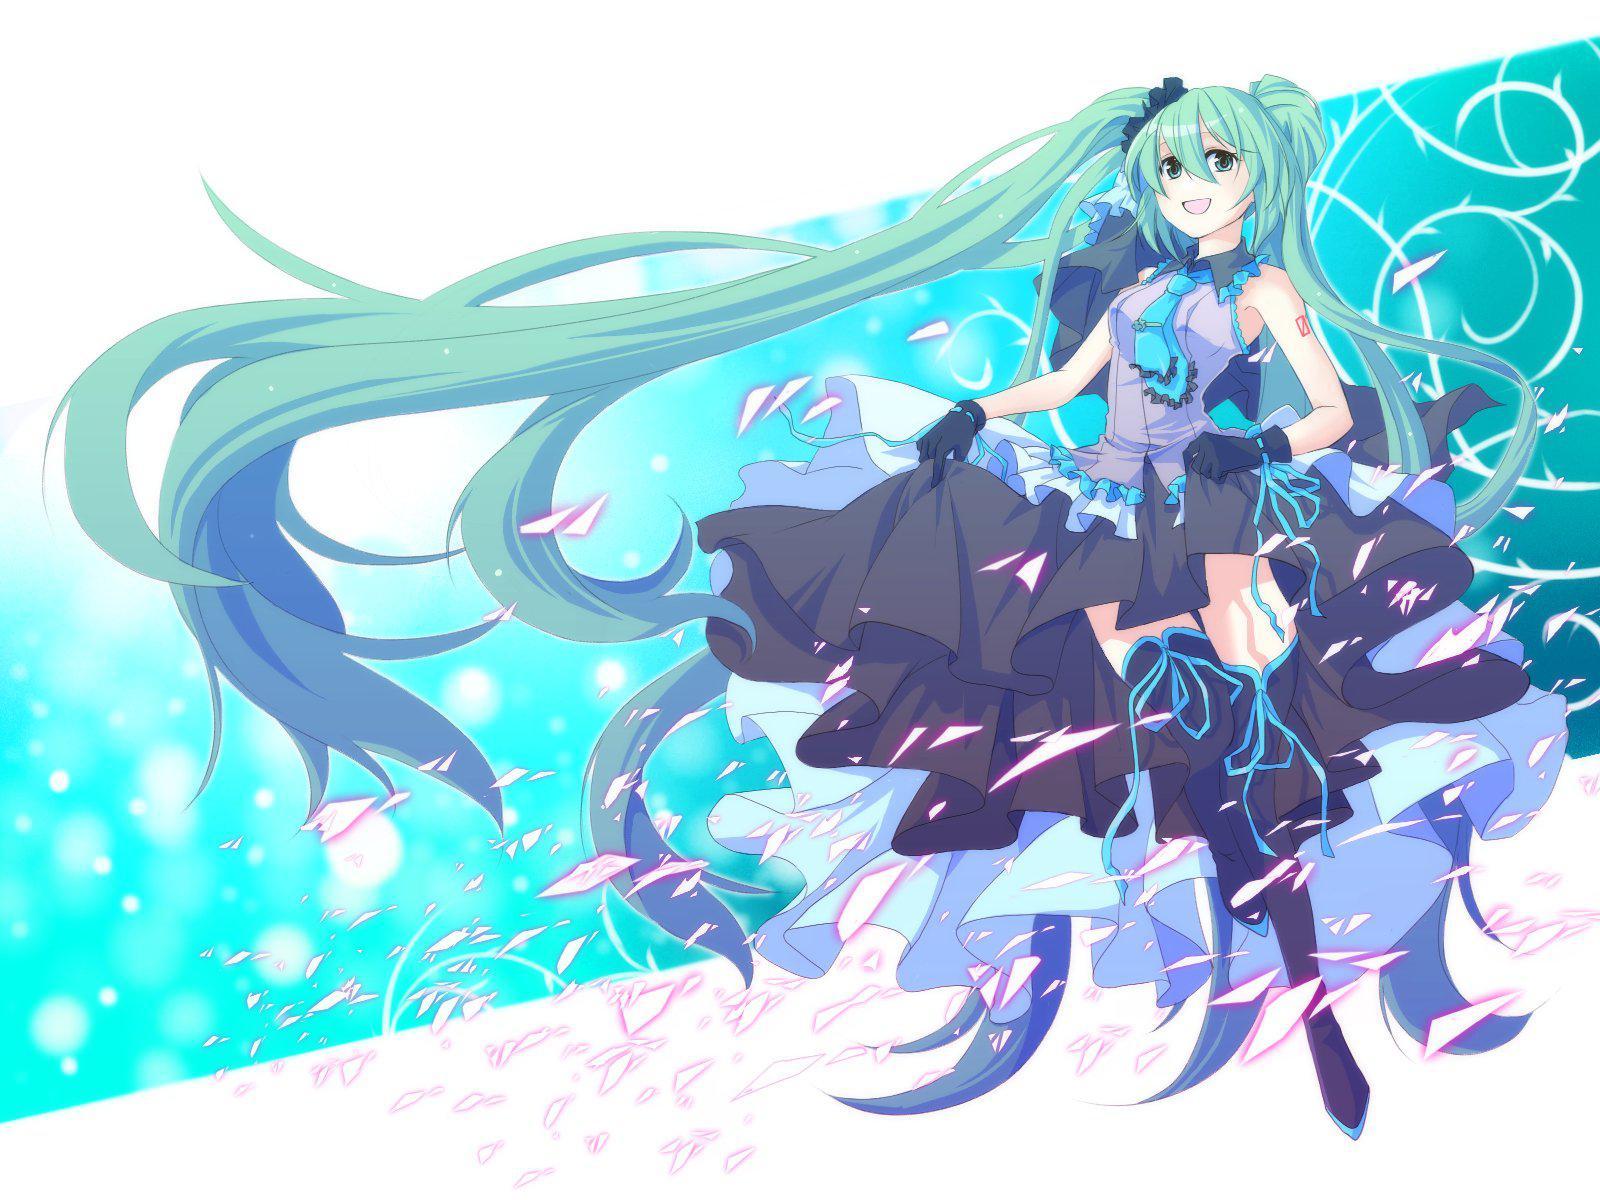 Hatsune Miku Wallpaper Hd 1080p